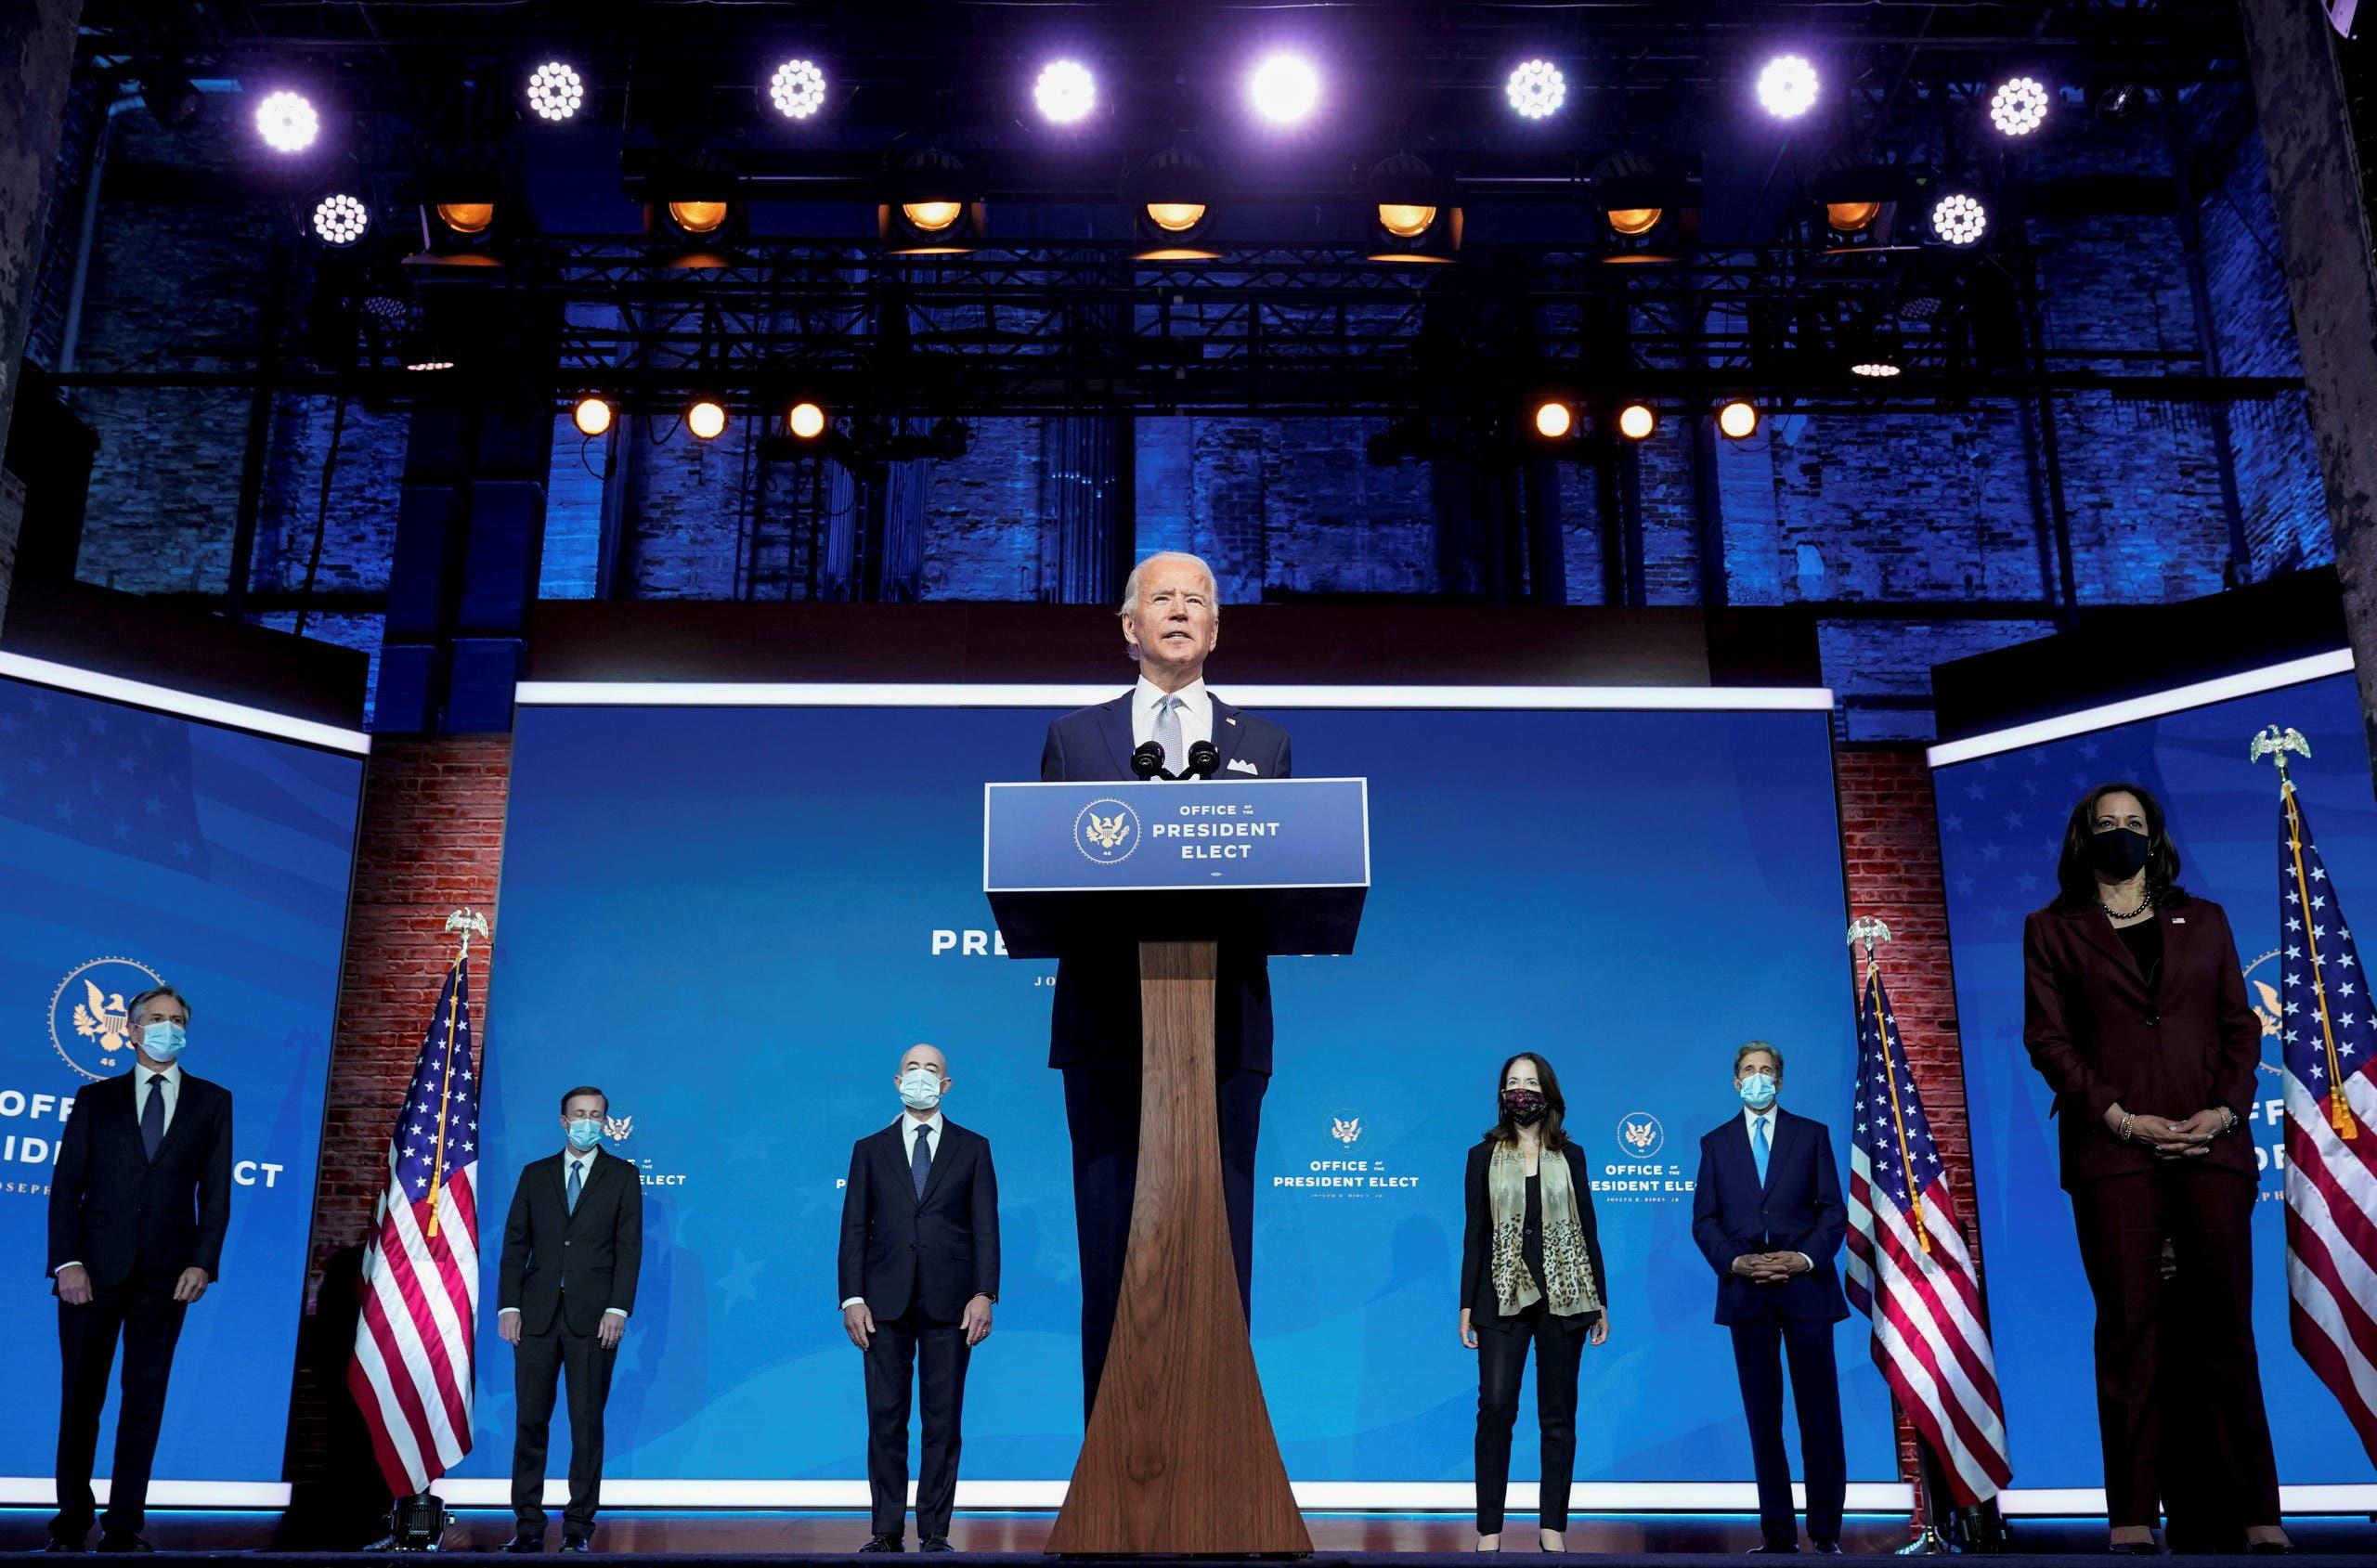 الرئيس الأميركي المنتخب يعلن عن فريقه للسياسة الخارجية في 24 نوفمبر الماضي